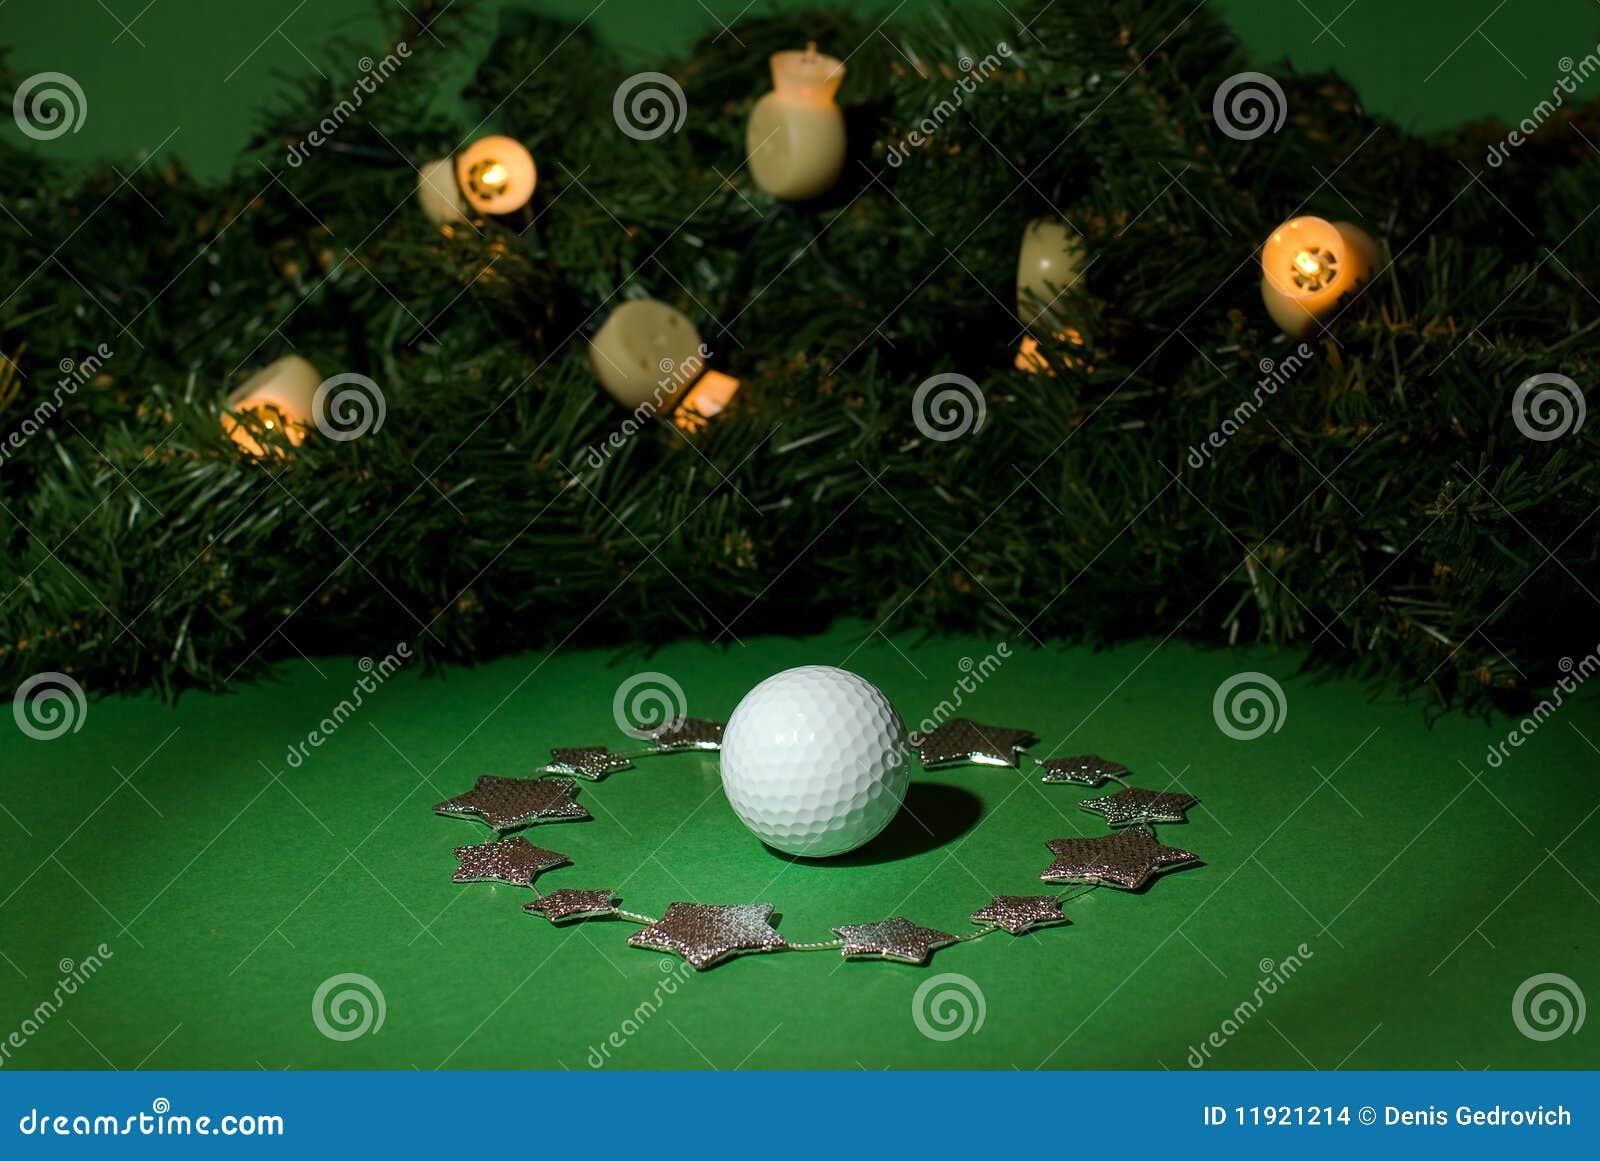 Ball Garland Christmas